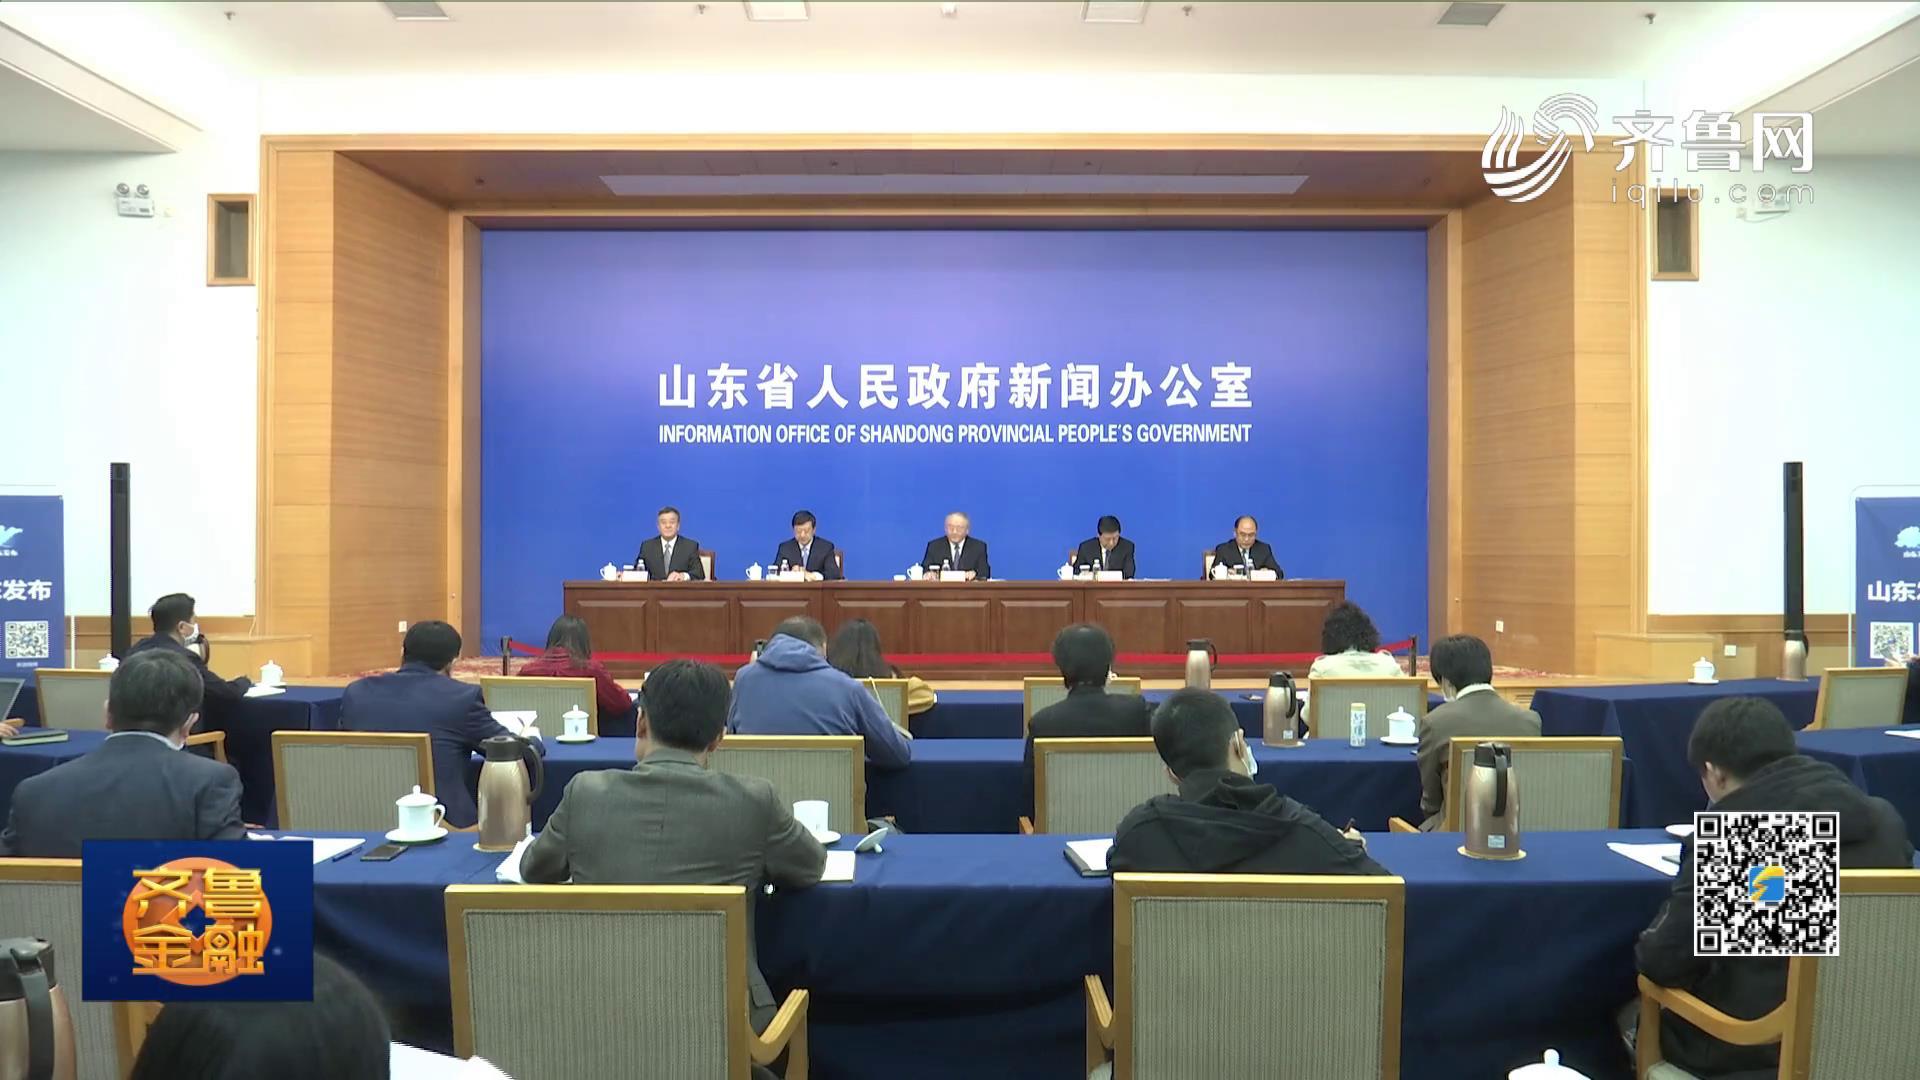 山东:26条财政办法支持八大发展战略《齐鲁金融》20201104播出